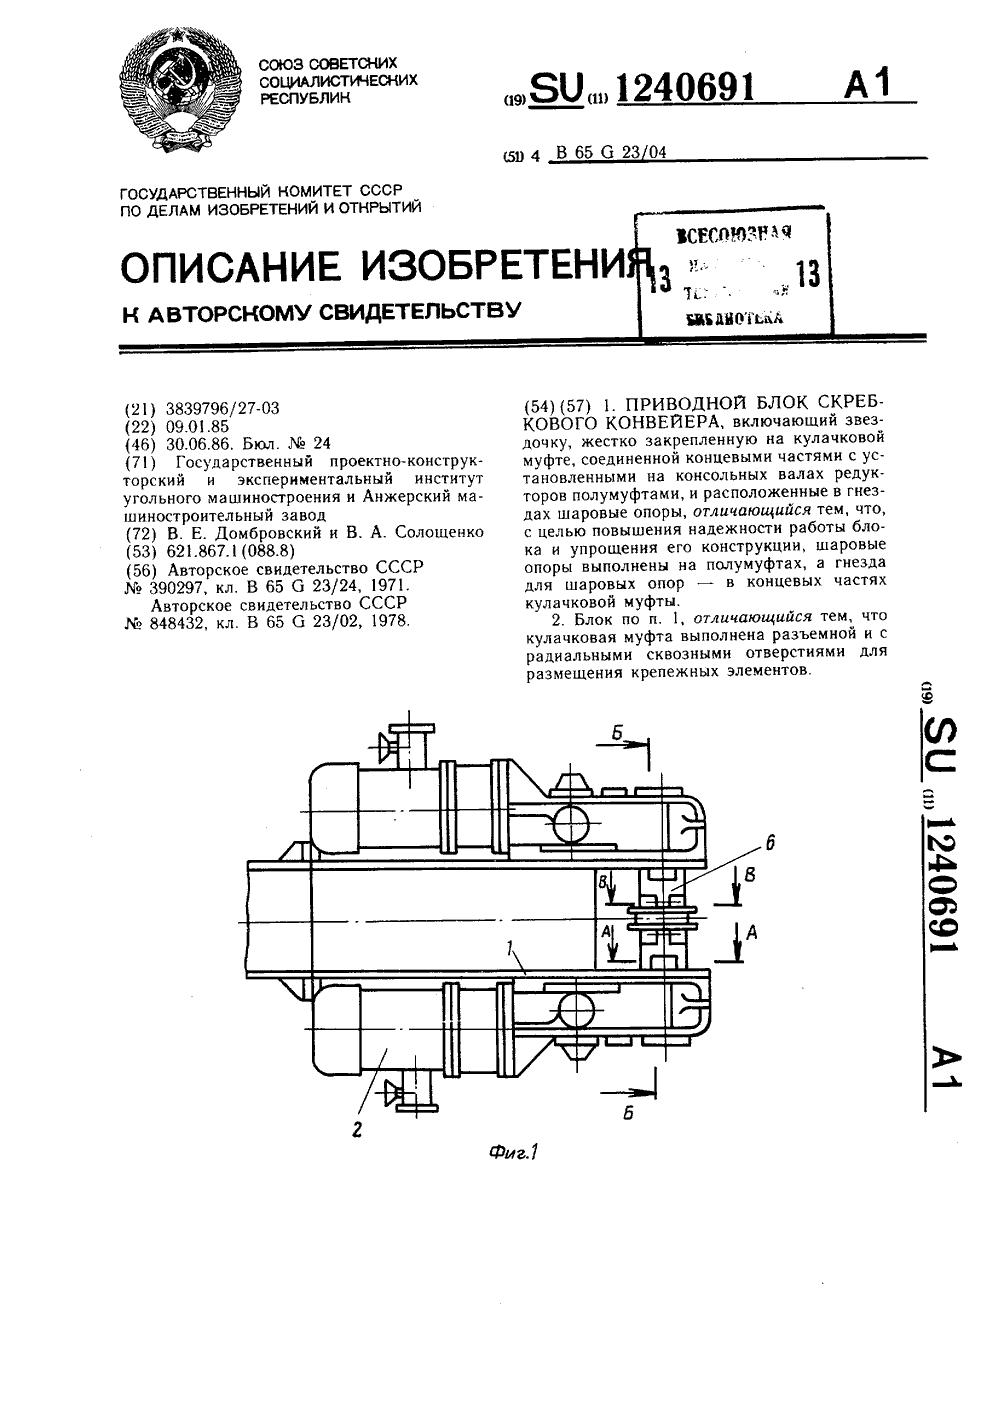 Приводные блоки скребковых конвейеров датчик спидометра транспортер